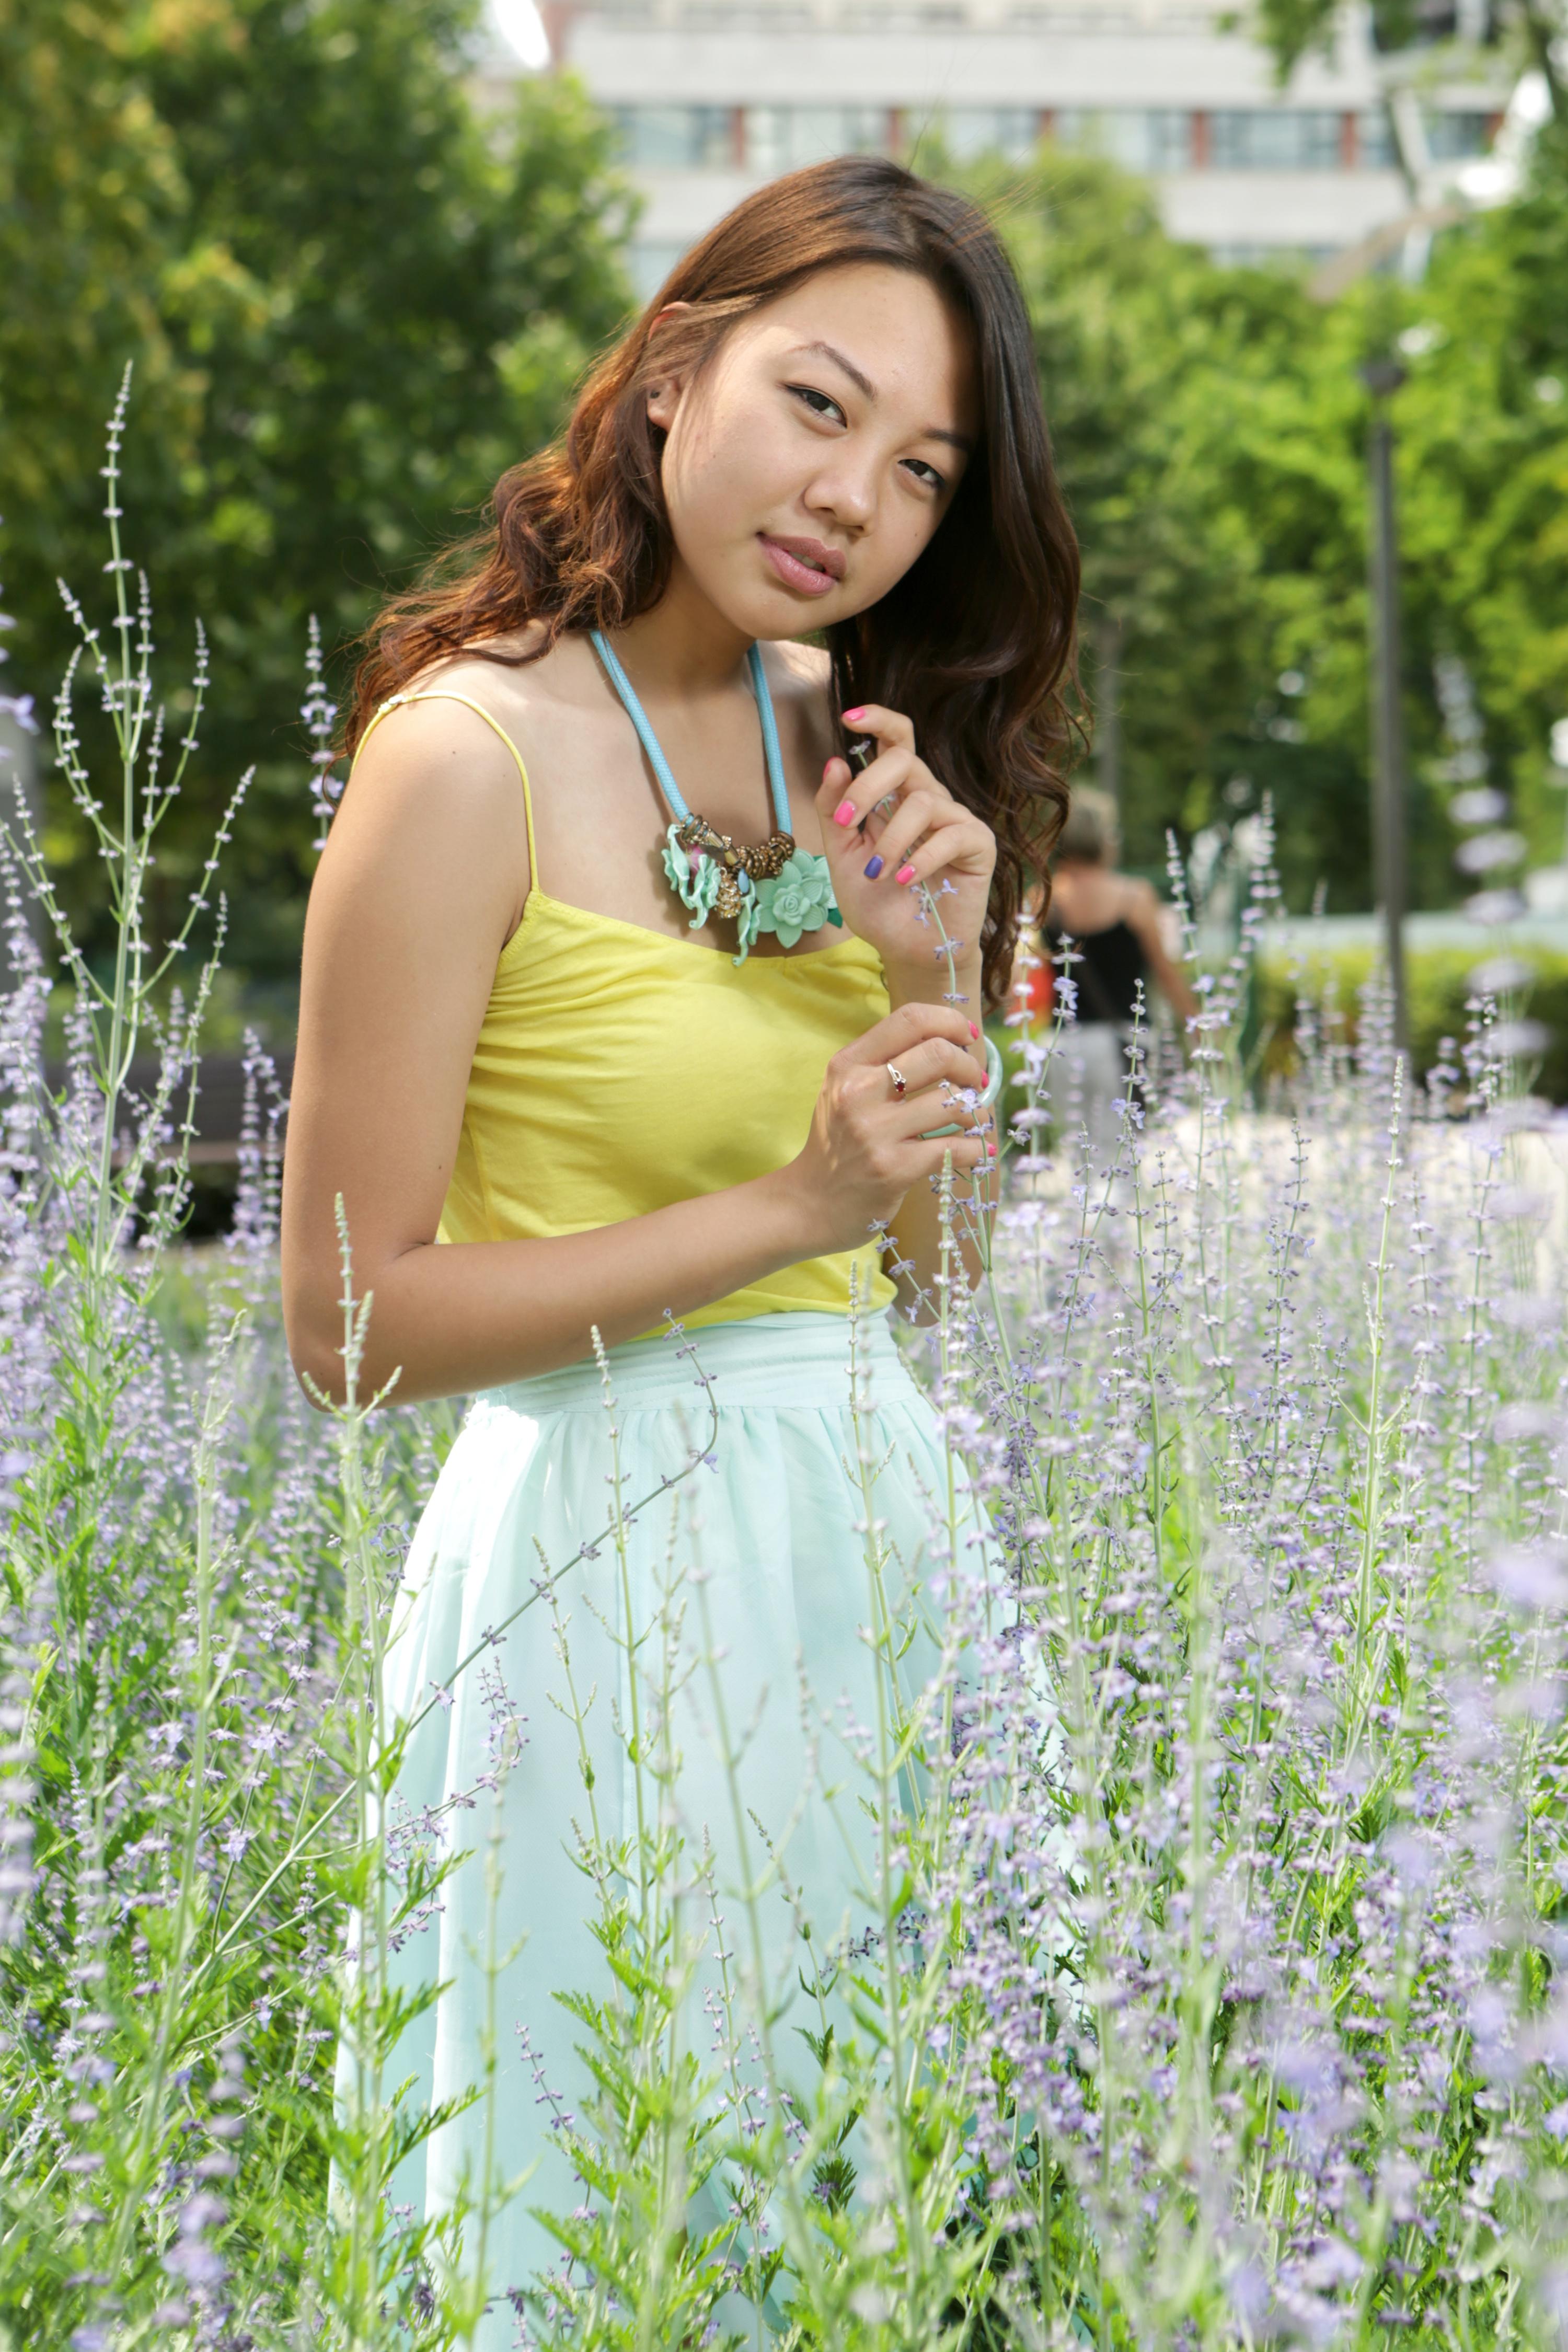 kínai lány randi kultúra top társkereső oldalak Hollandiában